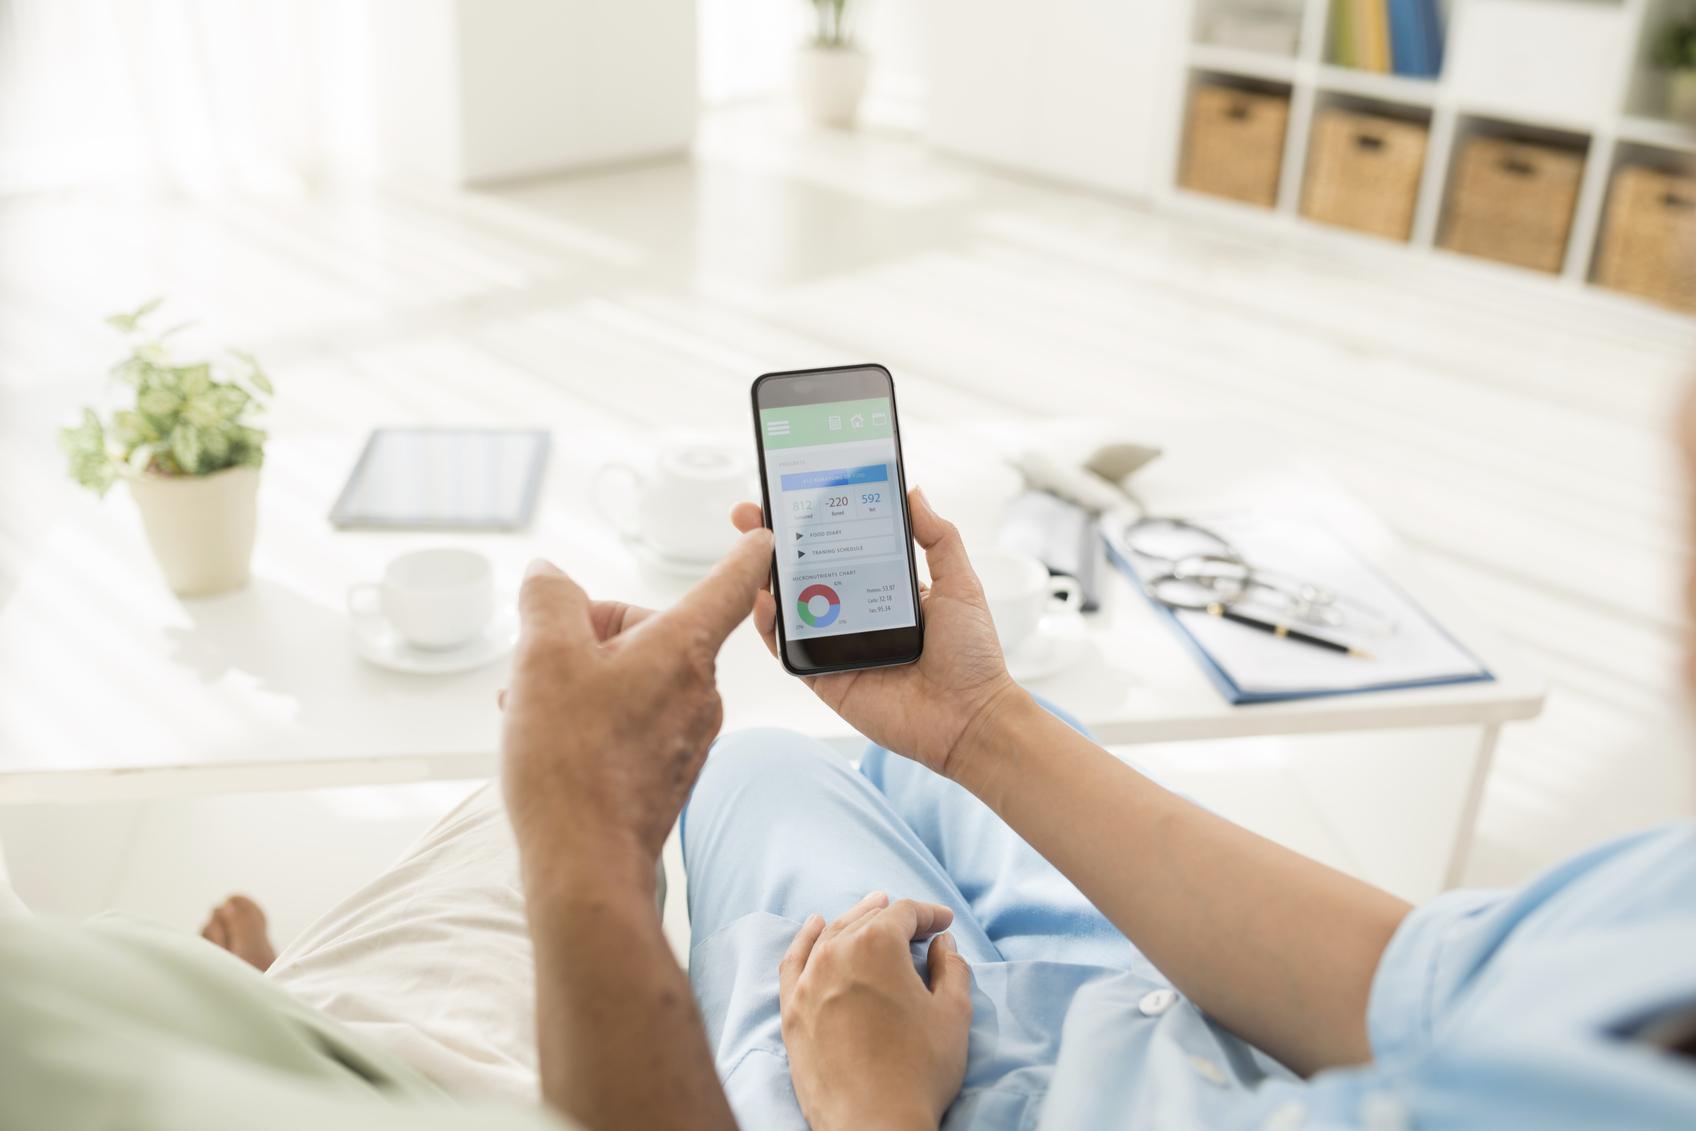 UPMC partnership plugs AI into hospital pharma supply management